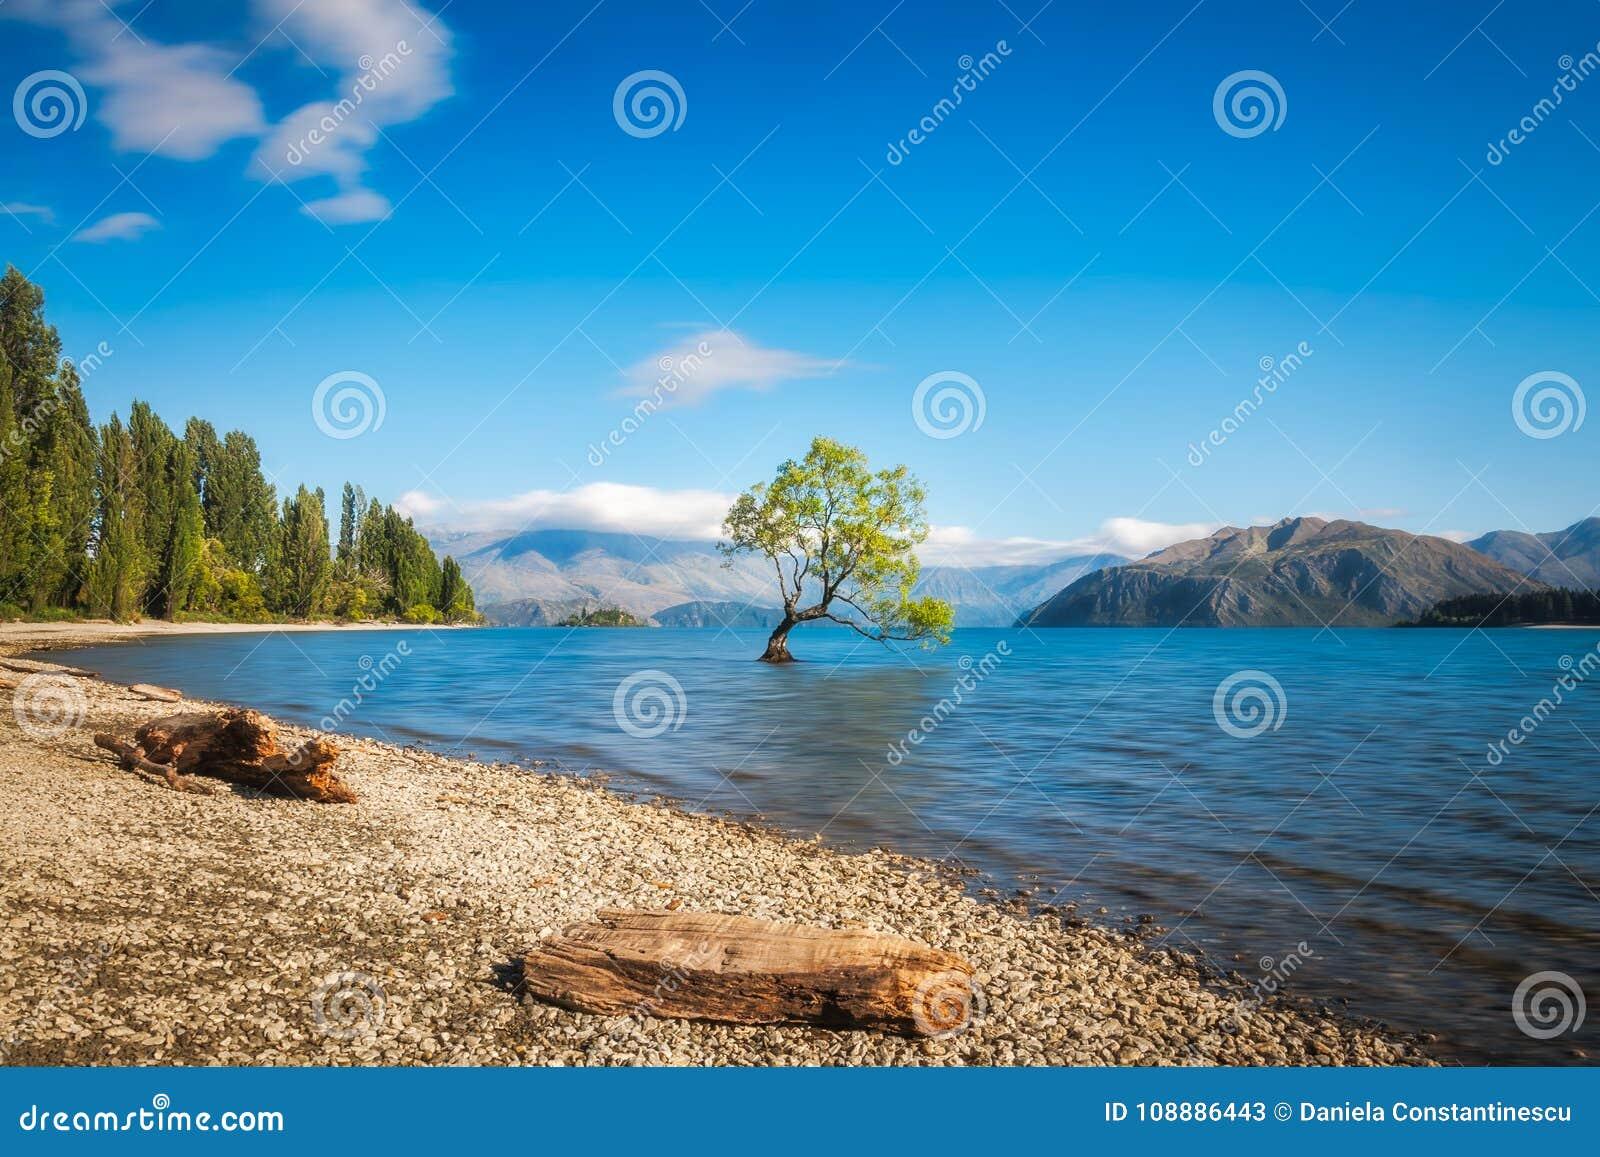 Clear blue morning at lake Wanaka